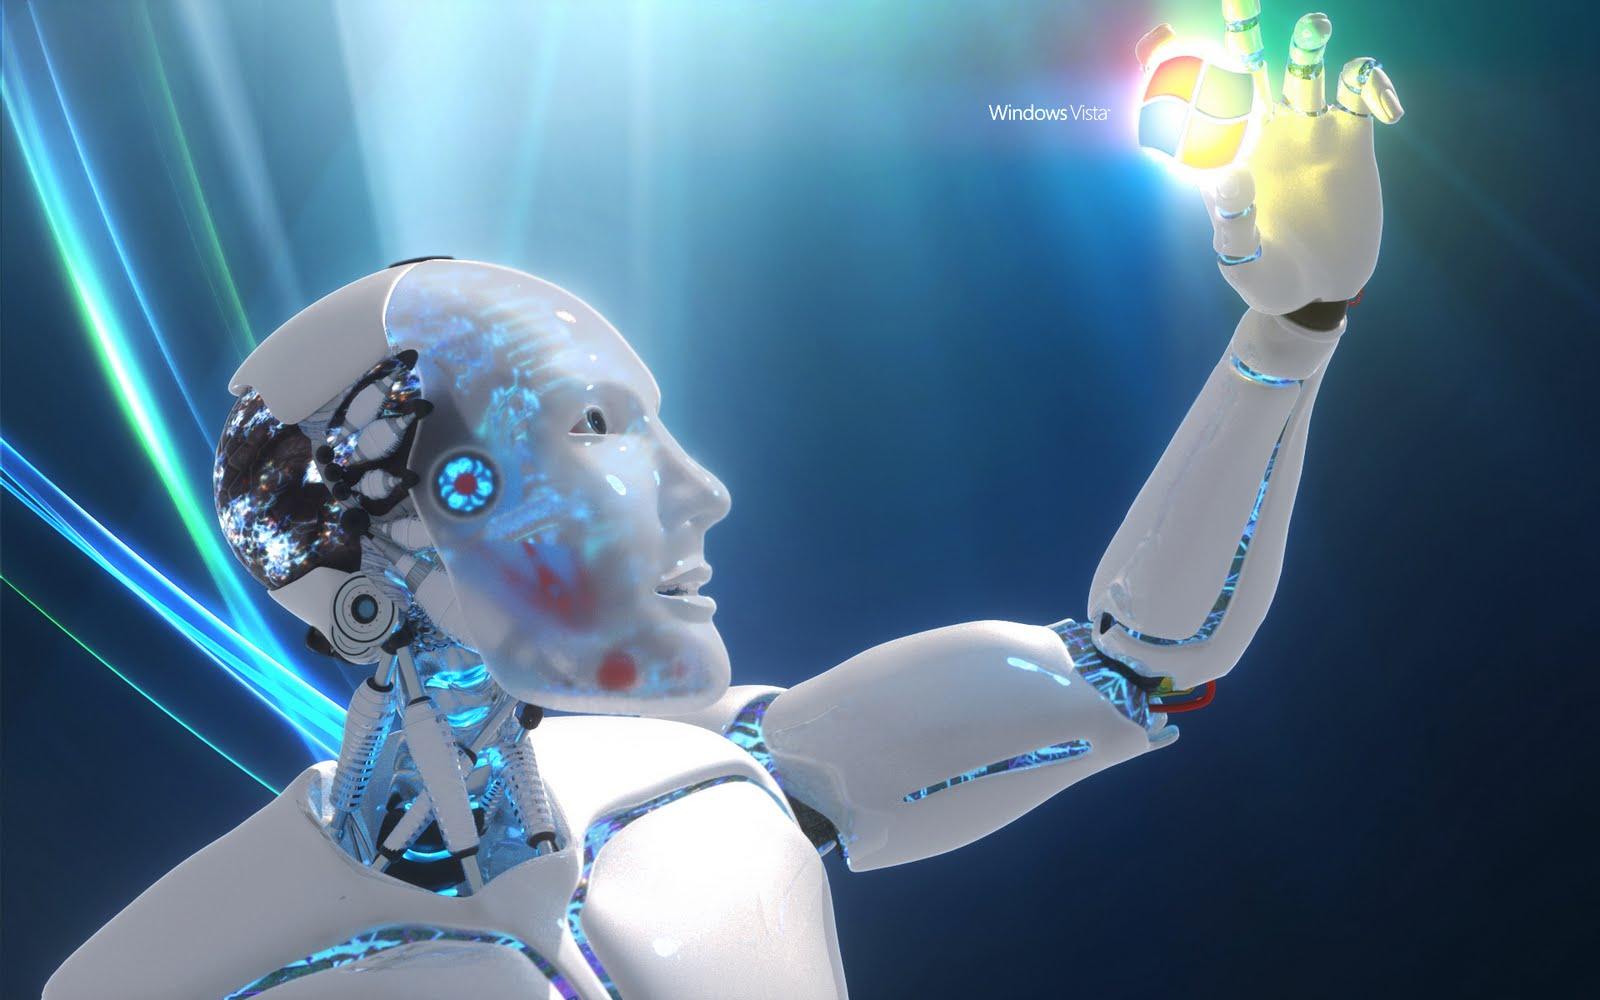 robot desktop wallpaper - wallpapersafari